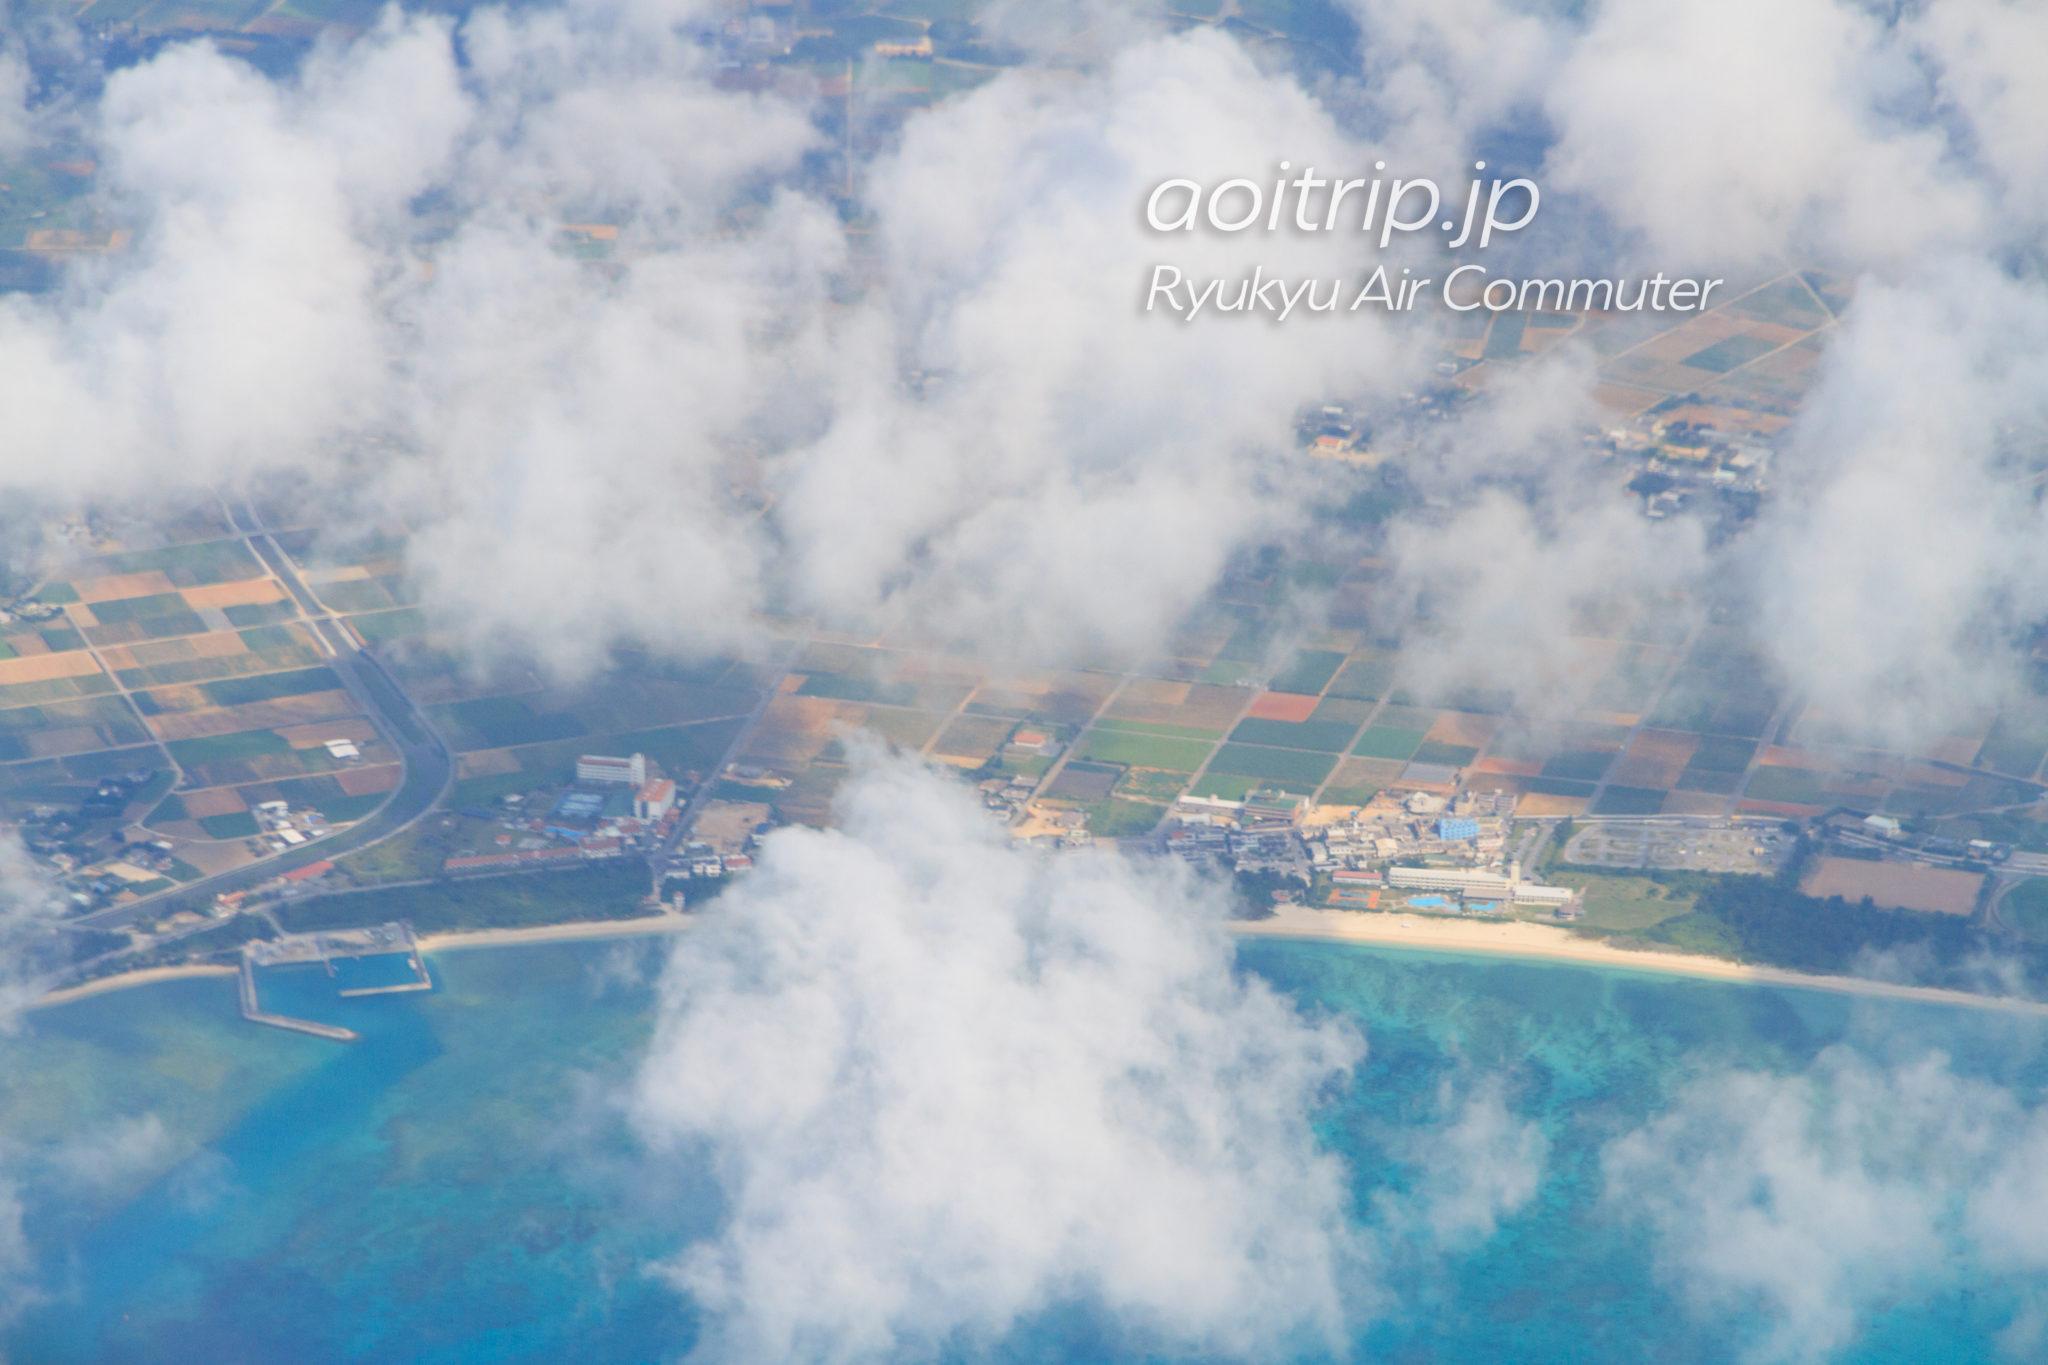 飛行機機内から見る久米島